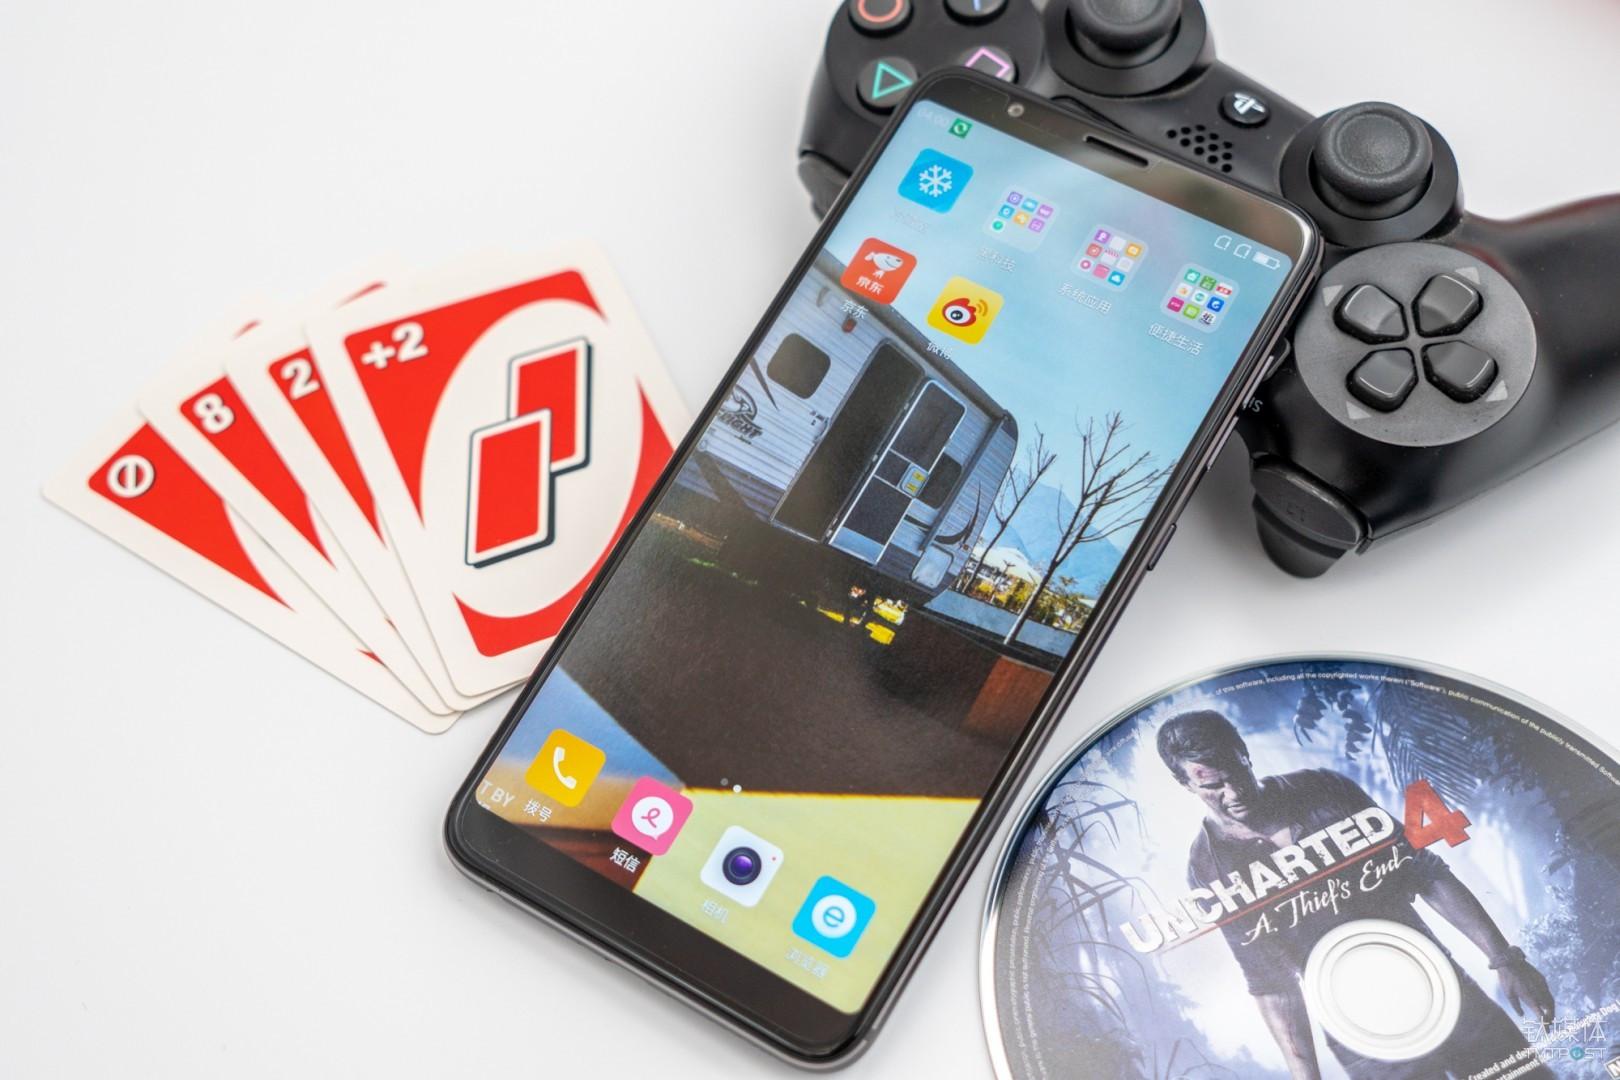 最新手机�yn�-a:+�_在最新的n7上360手机不但延续了强大性能,还对当下大热的游戏体验进行